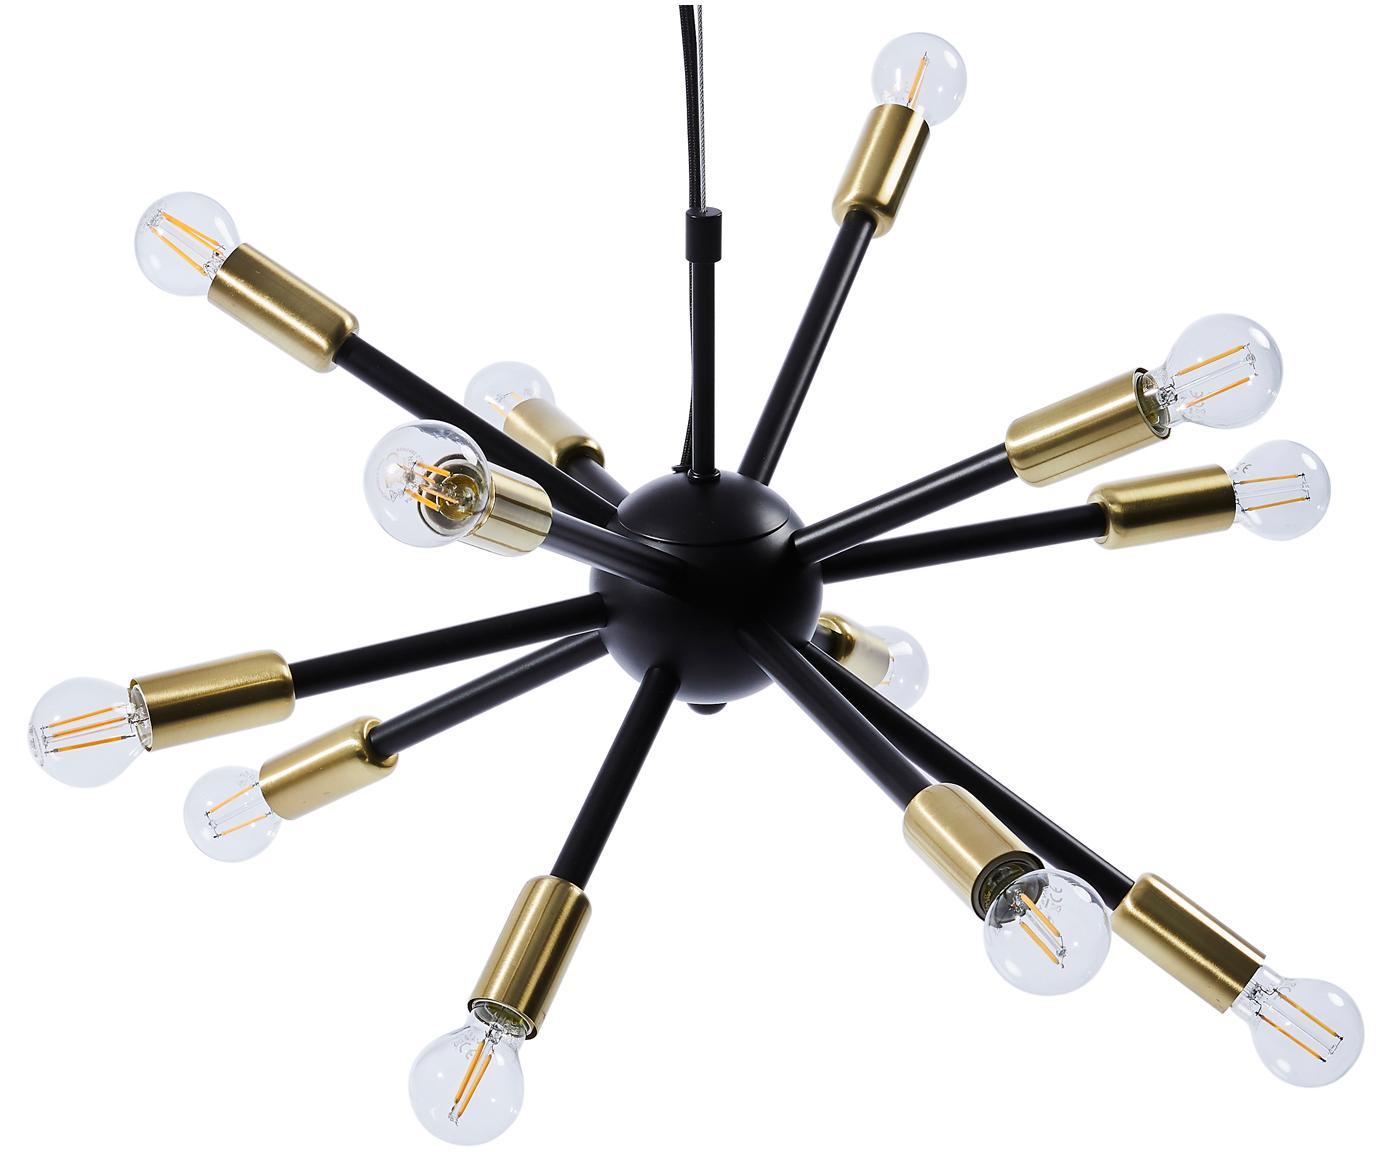 Lámpara de techo Spike, Anclaje: metal recubierto, Pantalla: metal con pintura en polv, Cable: cubierto en tela, Negro, dorado, Ø 50 cm